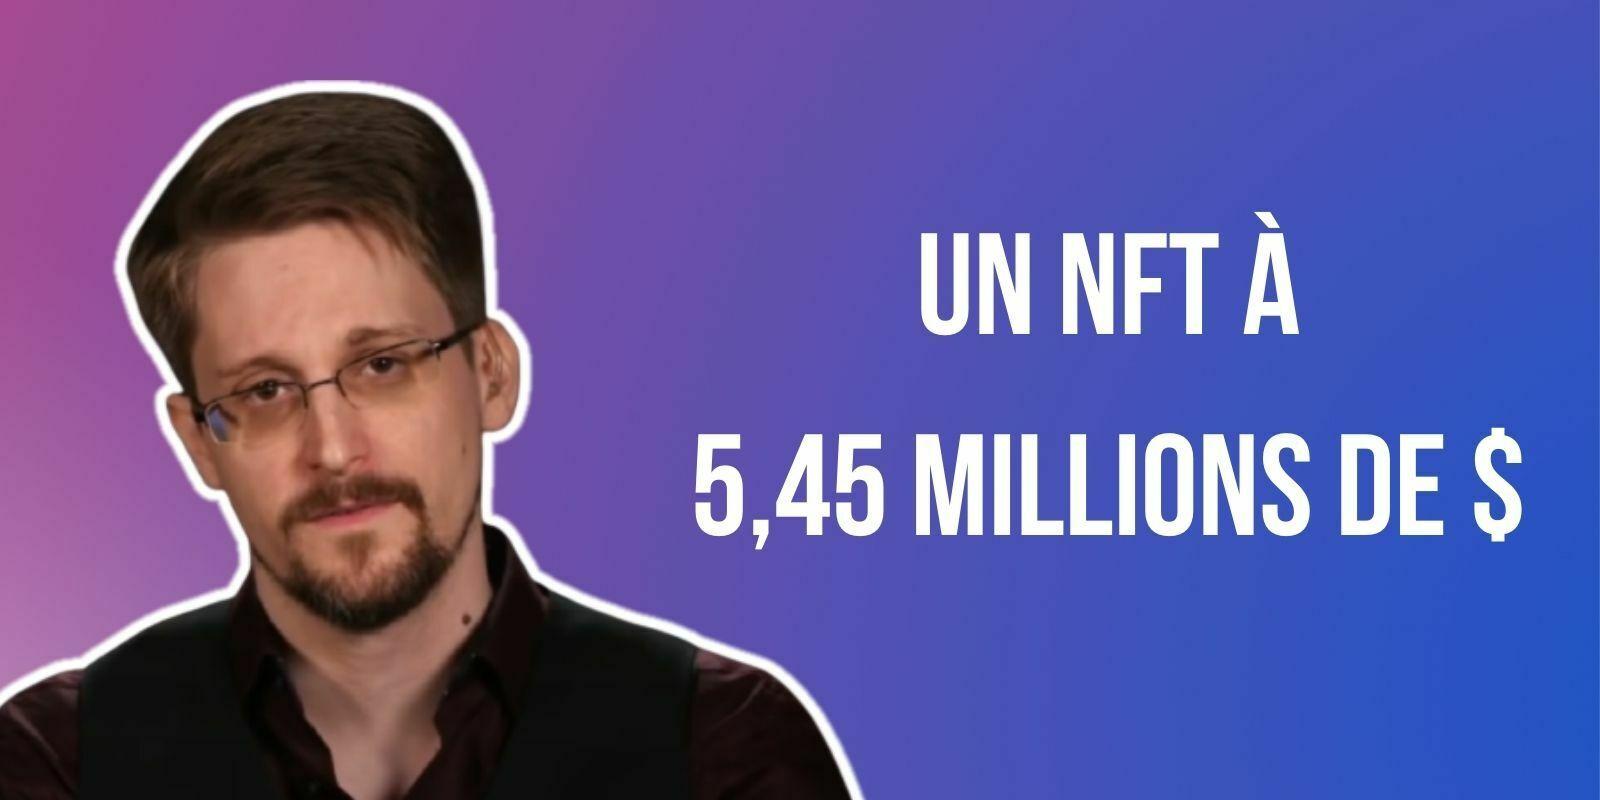 Edward Snowden vend un NFT 5,45 millions de dollars au profit d'une organisation défendant la liberté d'expression